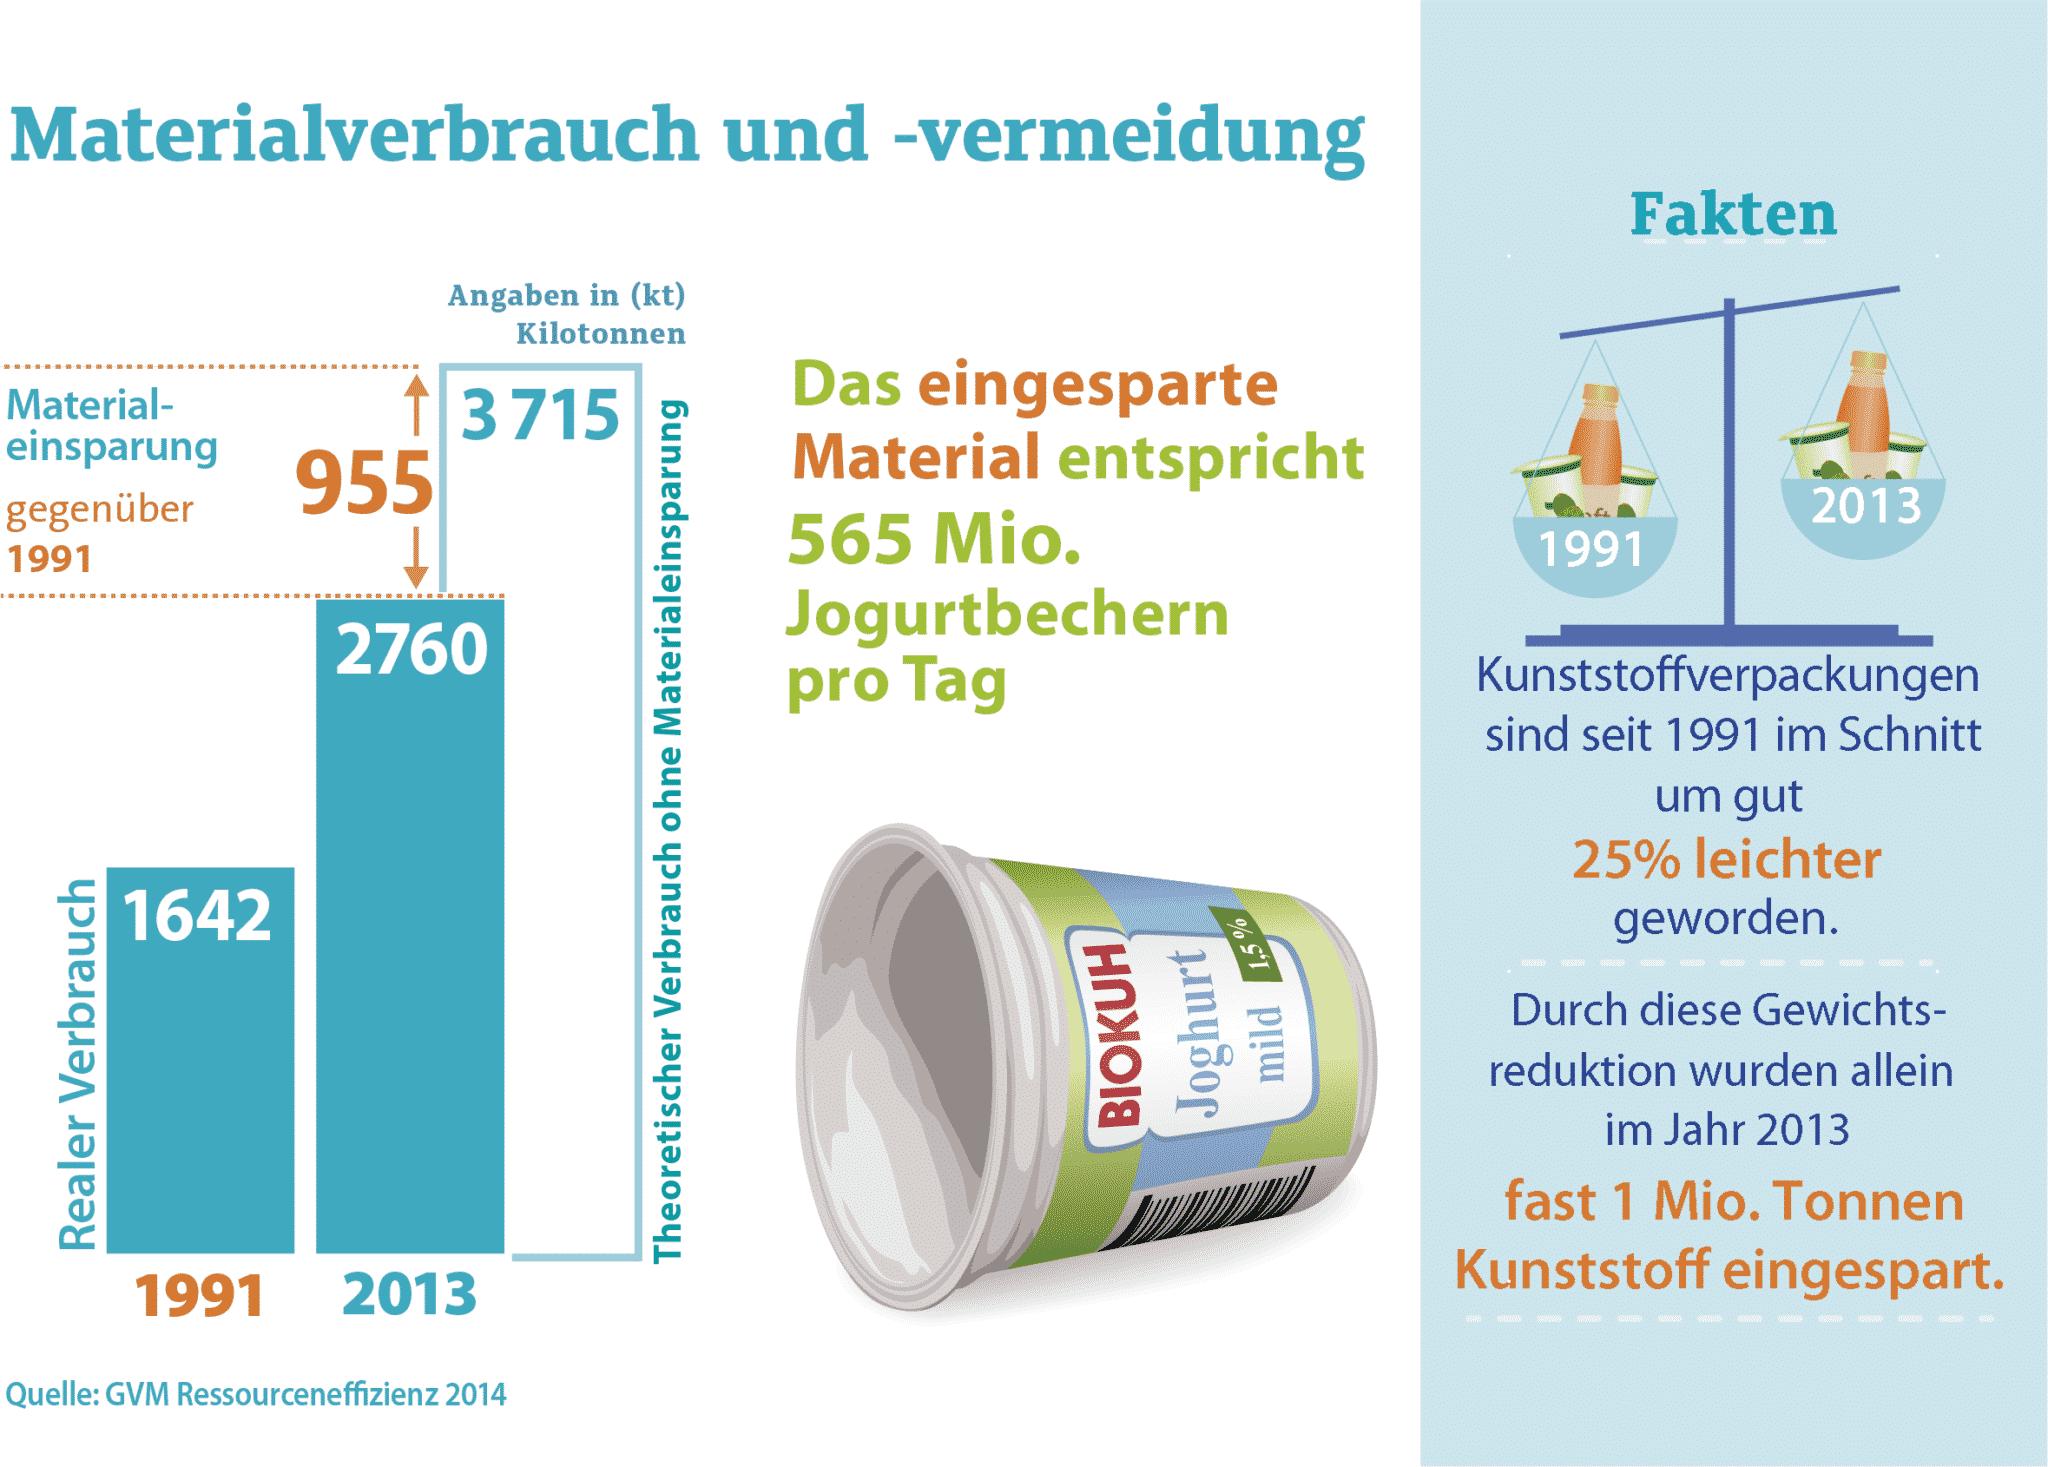 Materialverbrauch Vermeidung Joghurtbecher